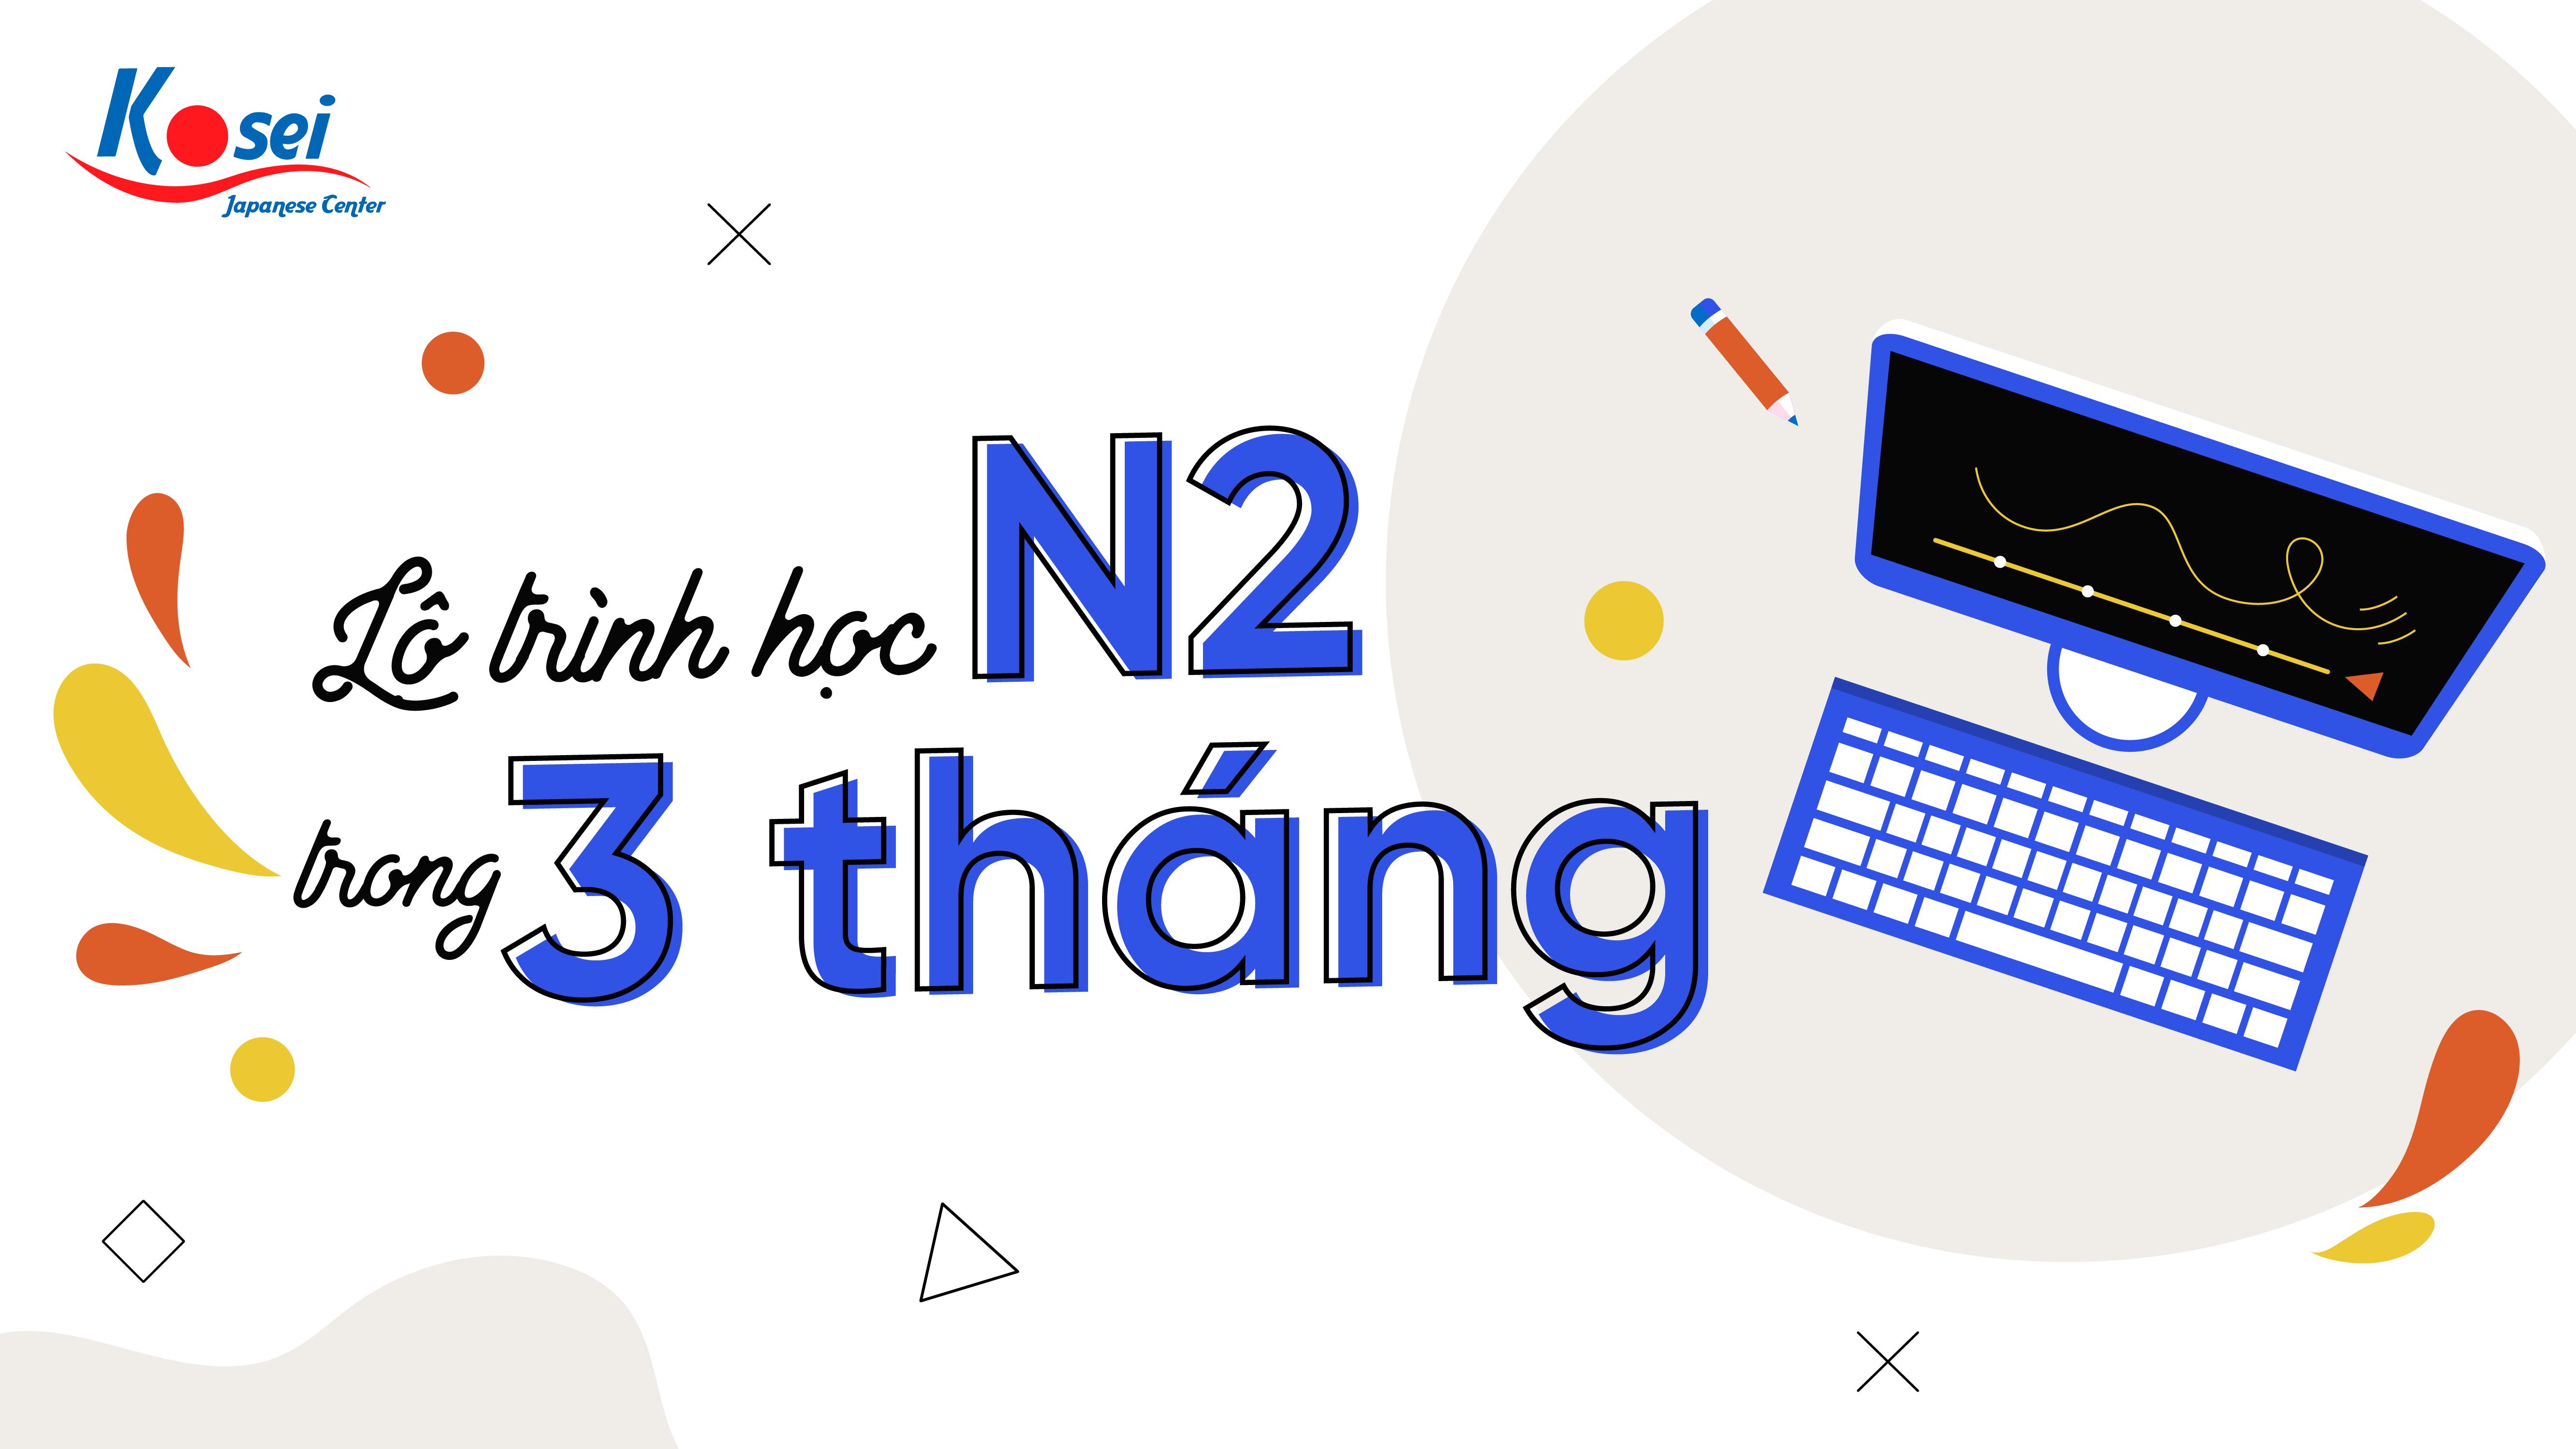 https://kosei.vn/lo-trinh-tu-hoc-n2-cung-kosei-n3225.html